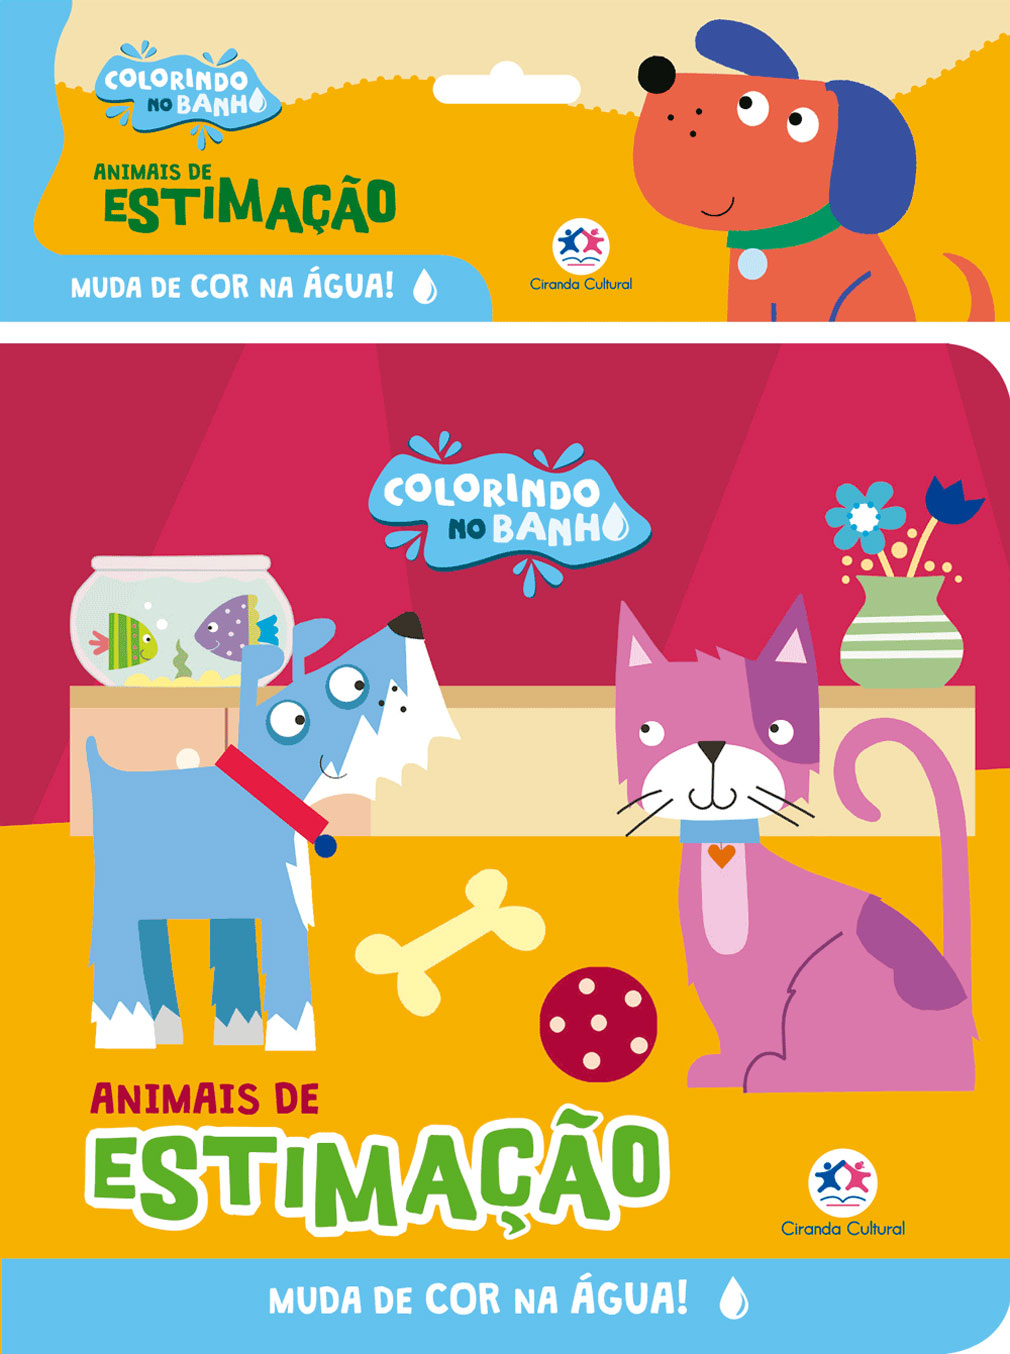 Animais de Estimação - Colorindo no banho